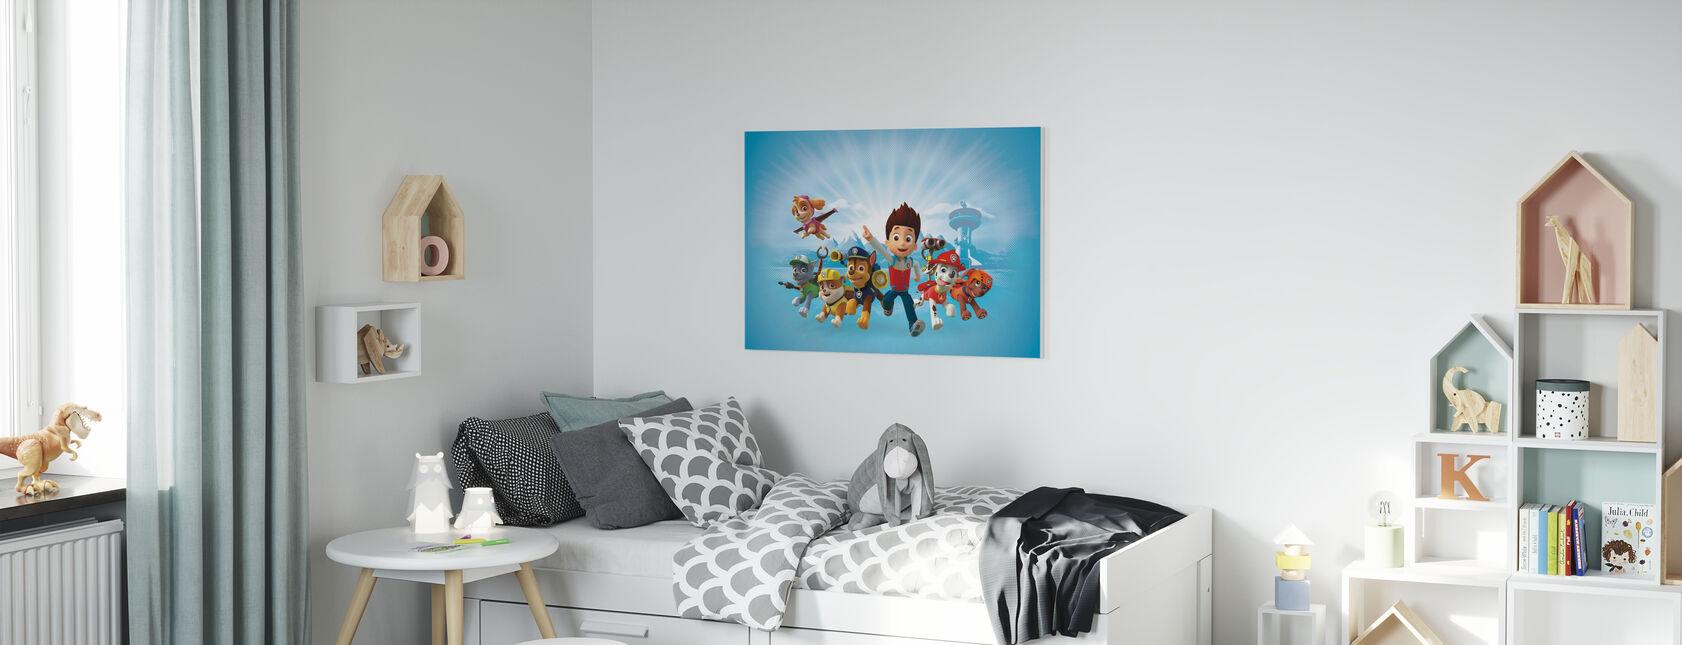 PAW Patrol - PAW Patrol is op een rol - Canvas print - Kinderkamer